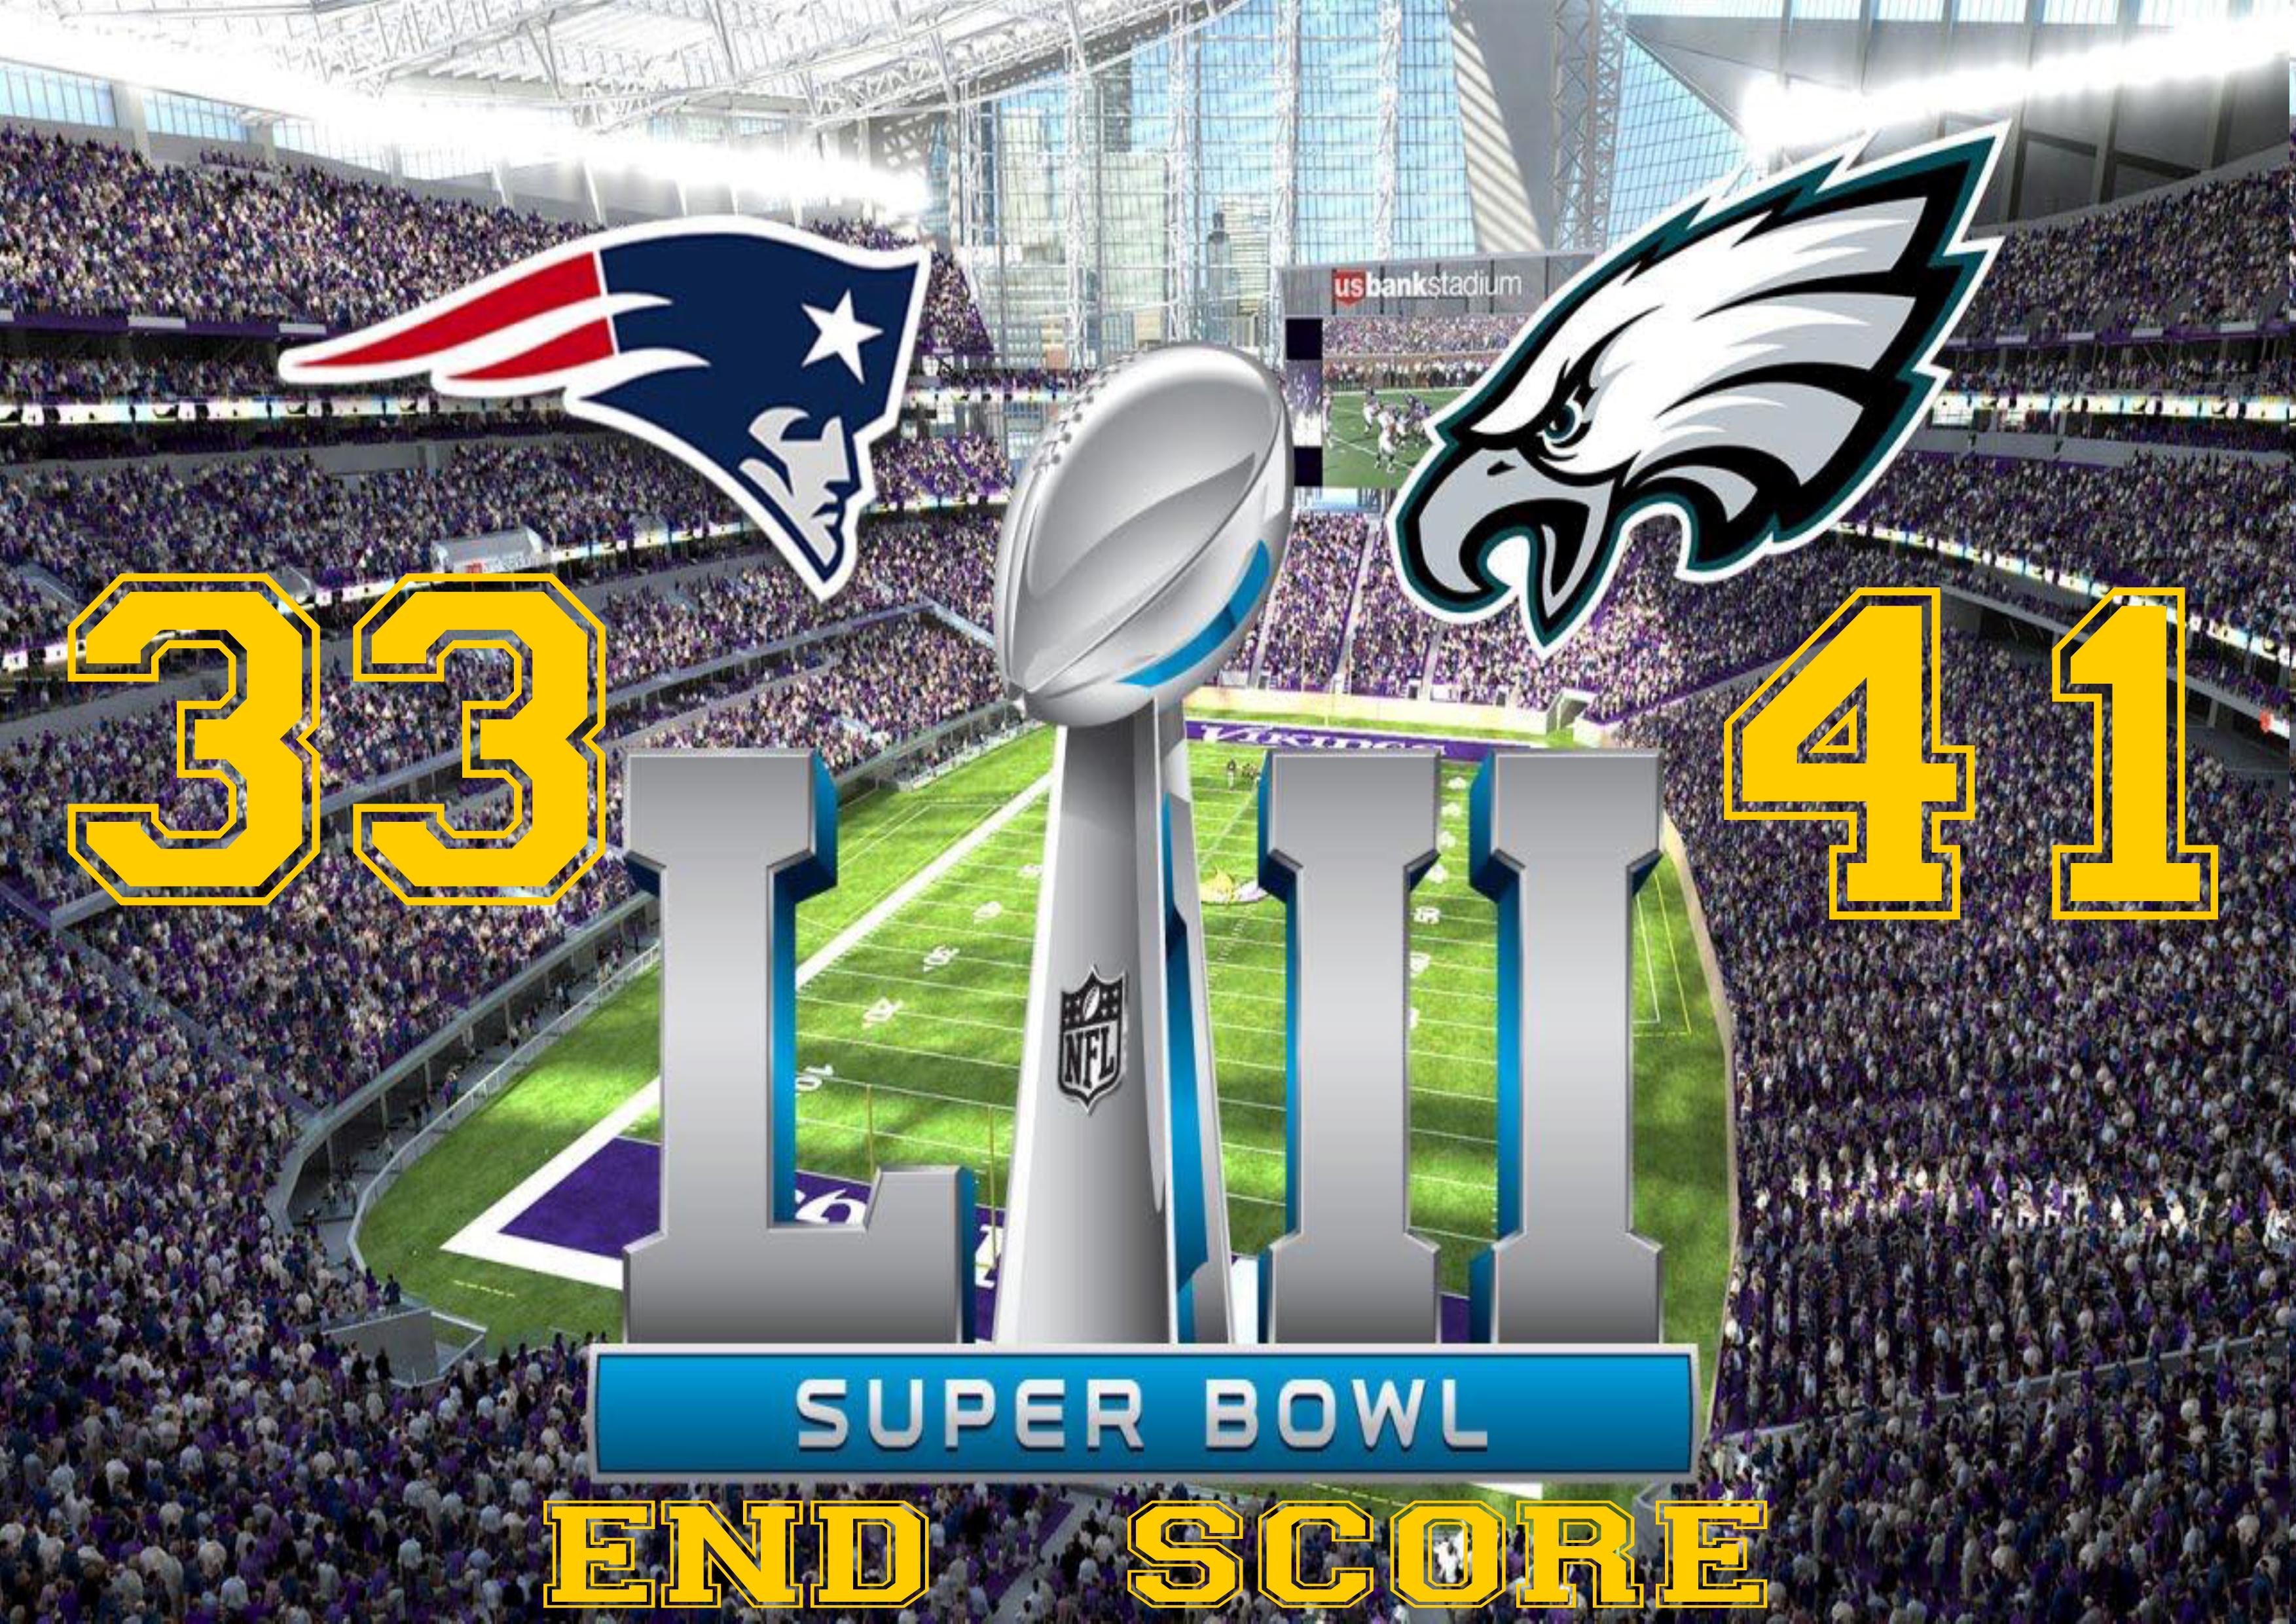 Superbowl 2018  End Score